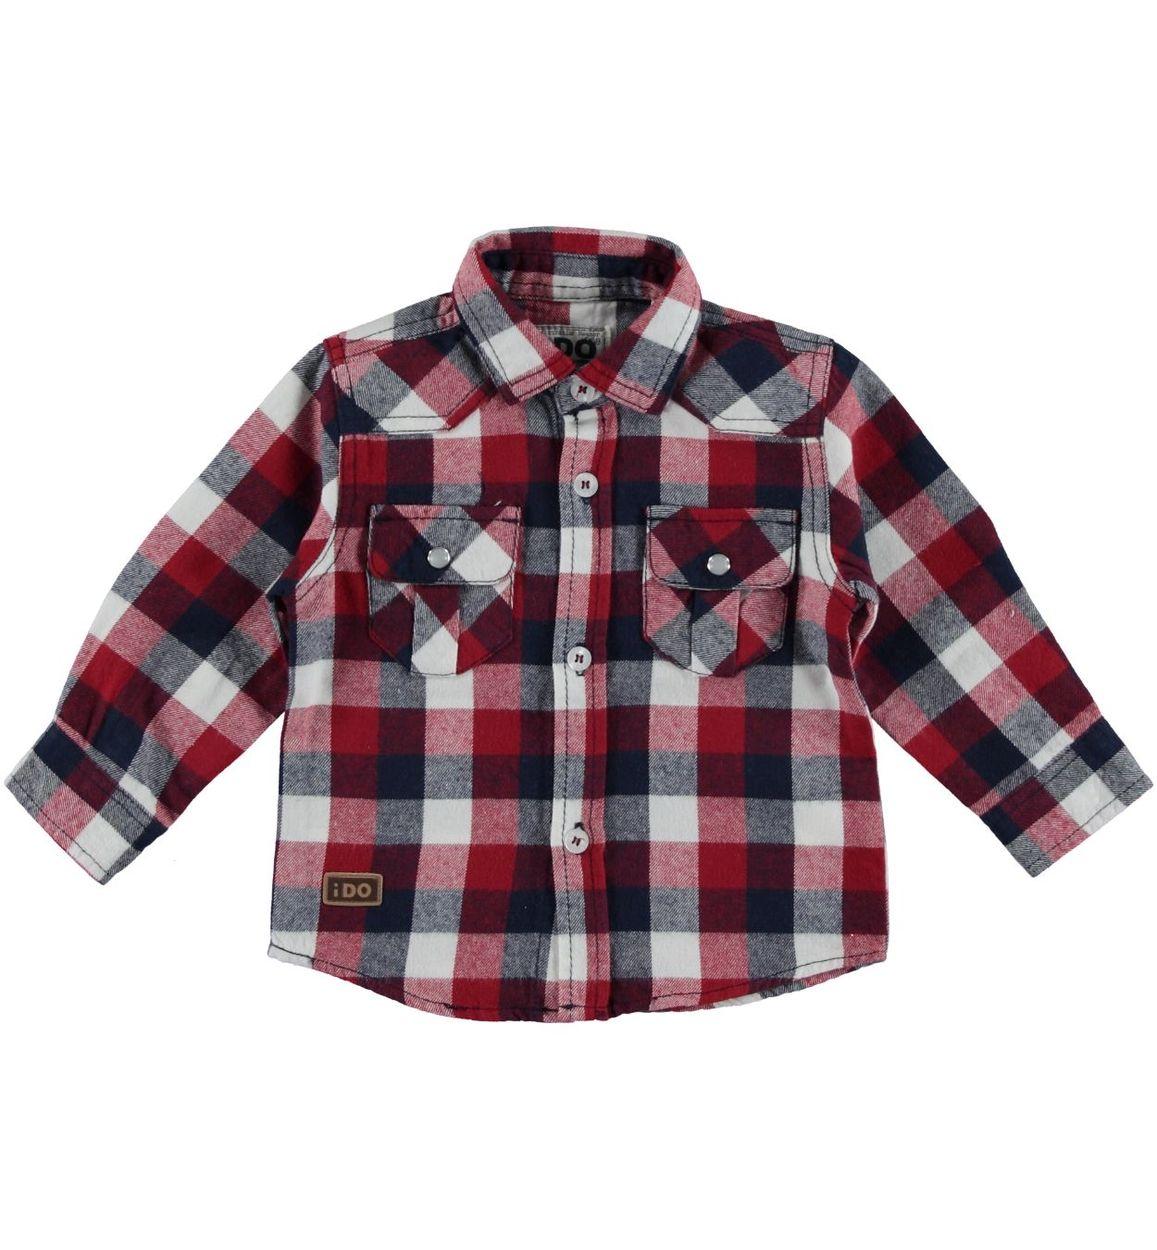 pretty nice bbb8a 34563 Camicia a quadri in flanella 100% cotone per bambino da 6 a 36 mesi iDO